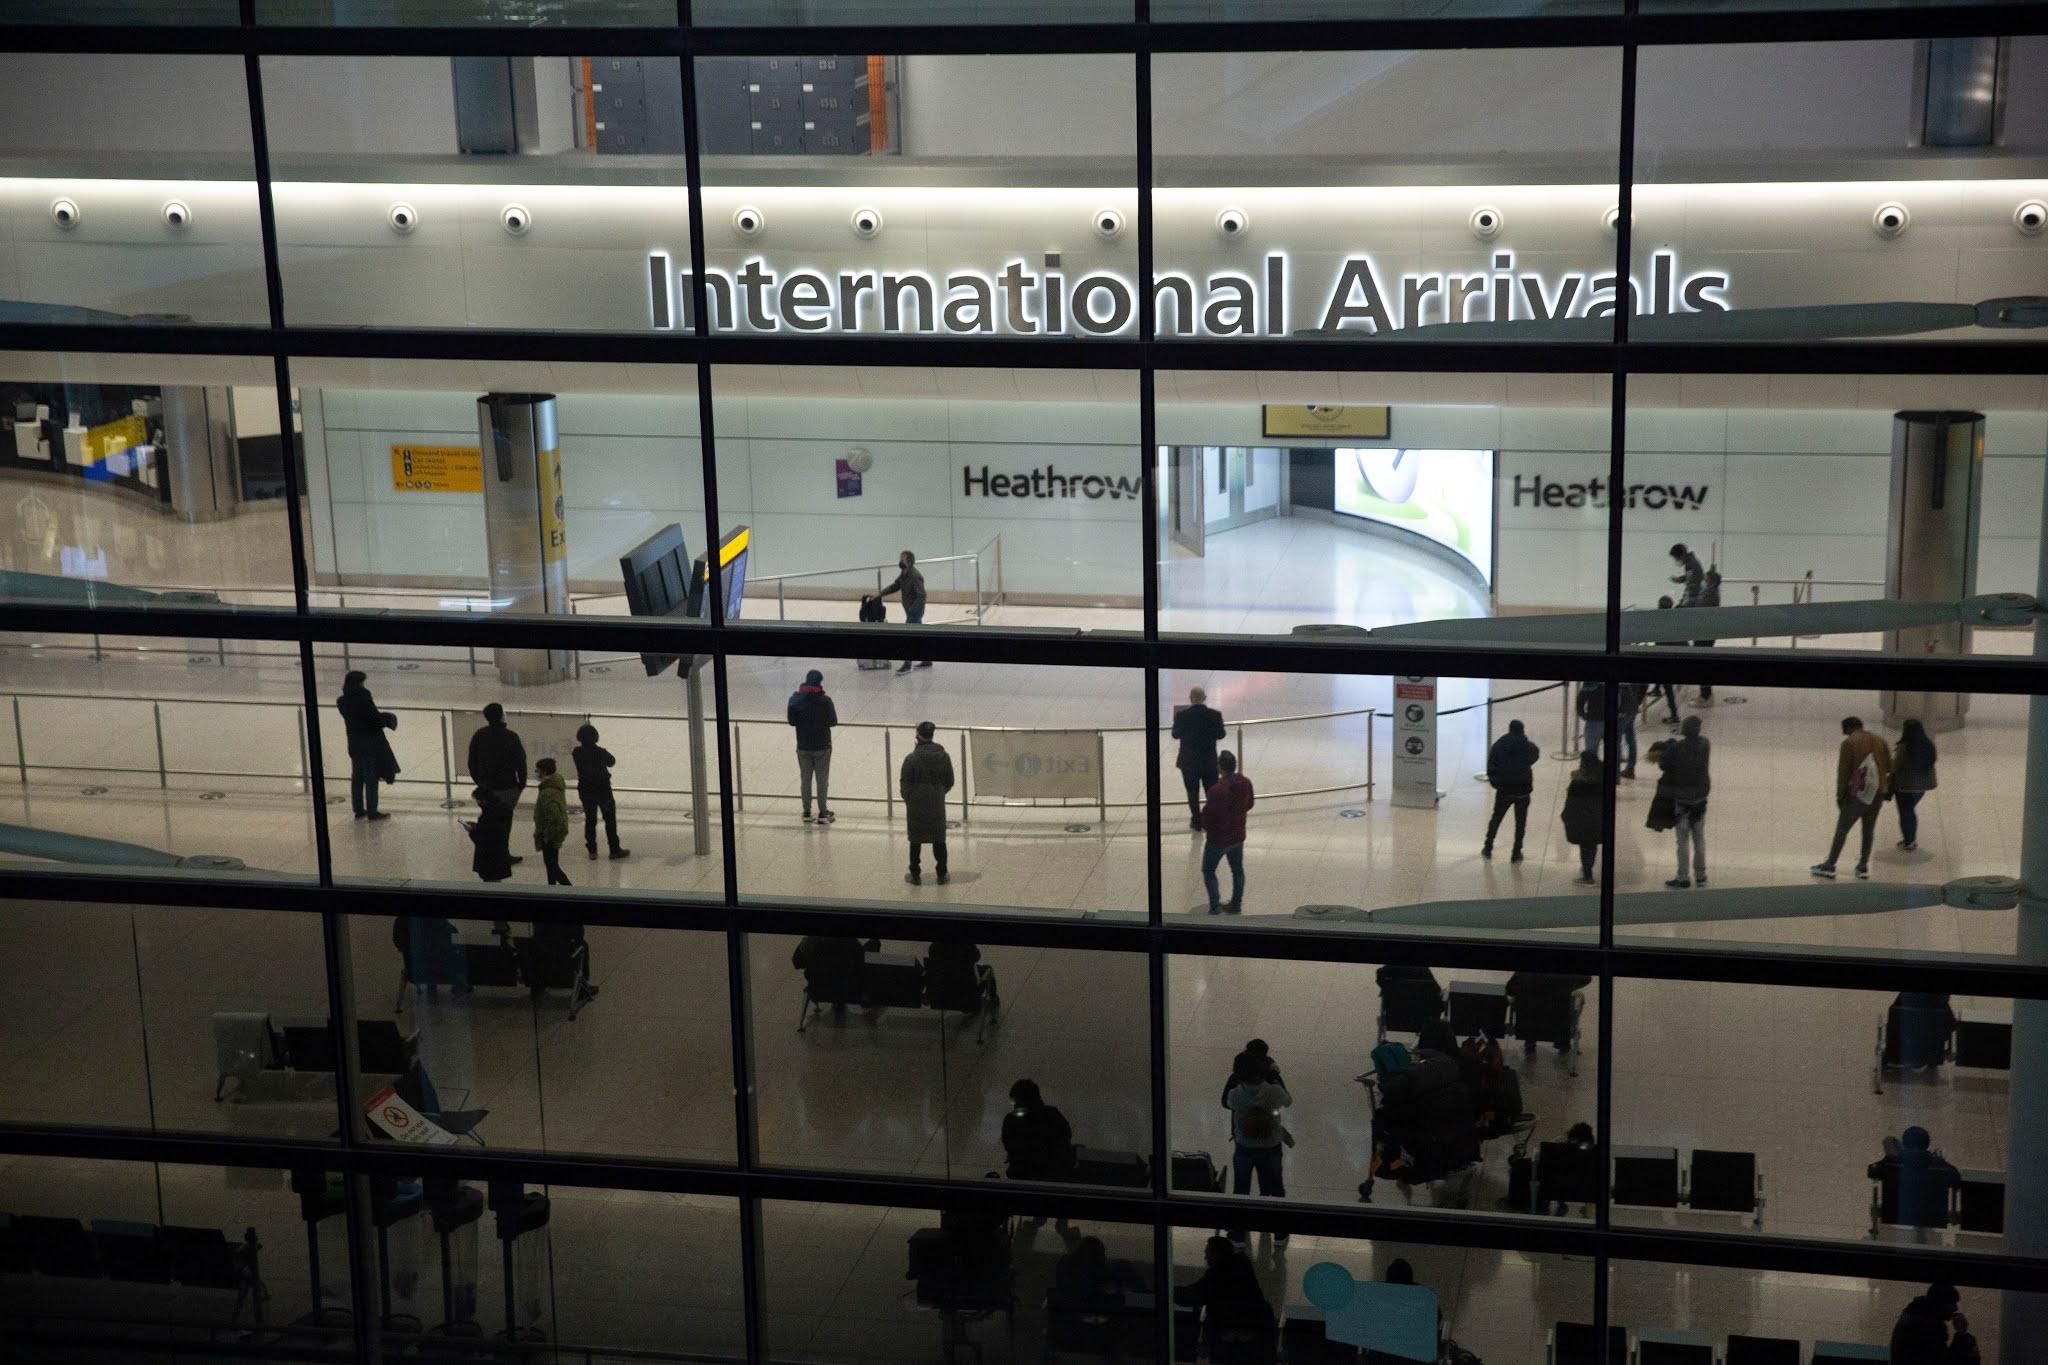 Personas en el área de llegadas del aeropuerto de Heathrow en Londres, el martes, 26 de enero de 2021 / VOA